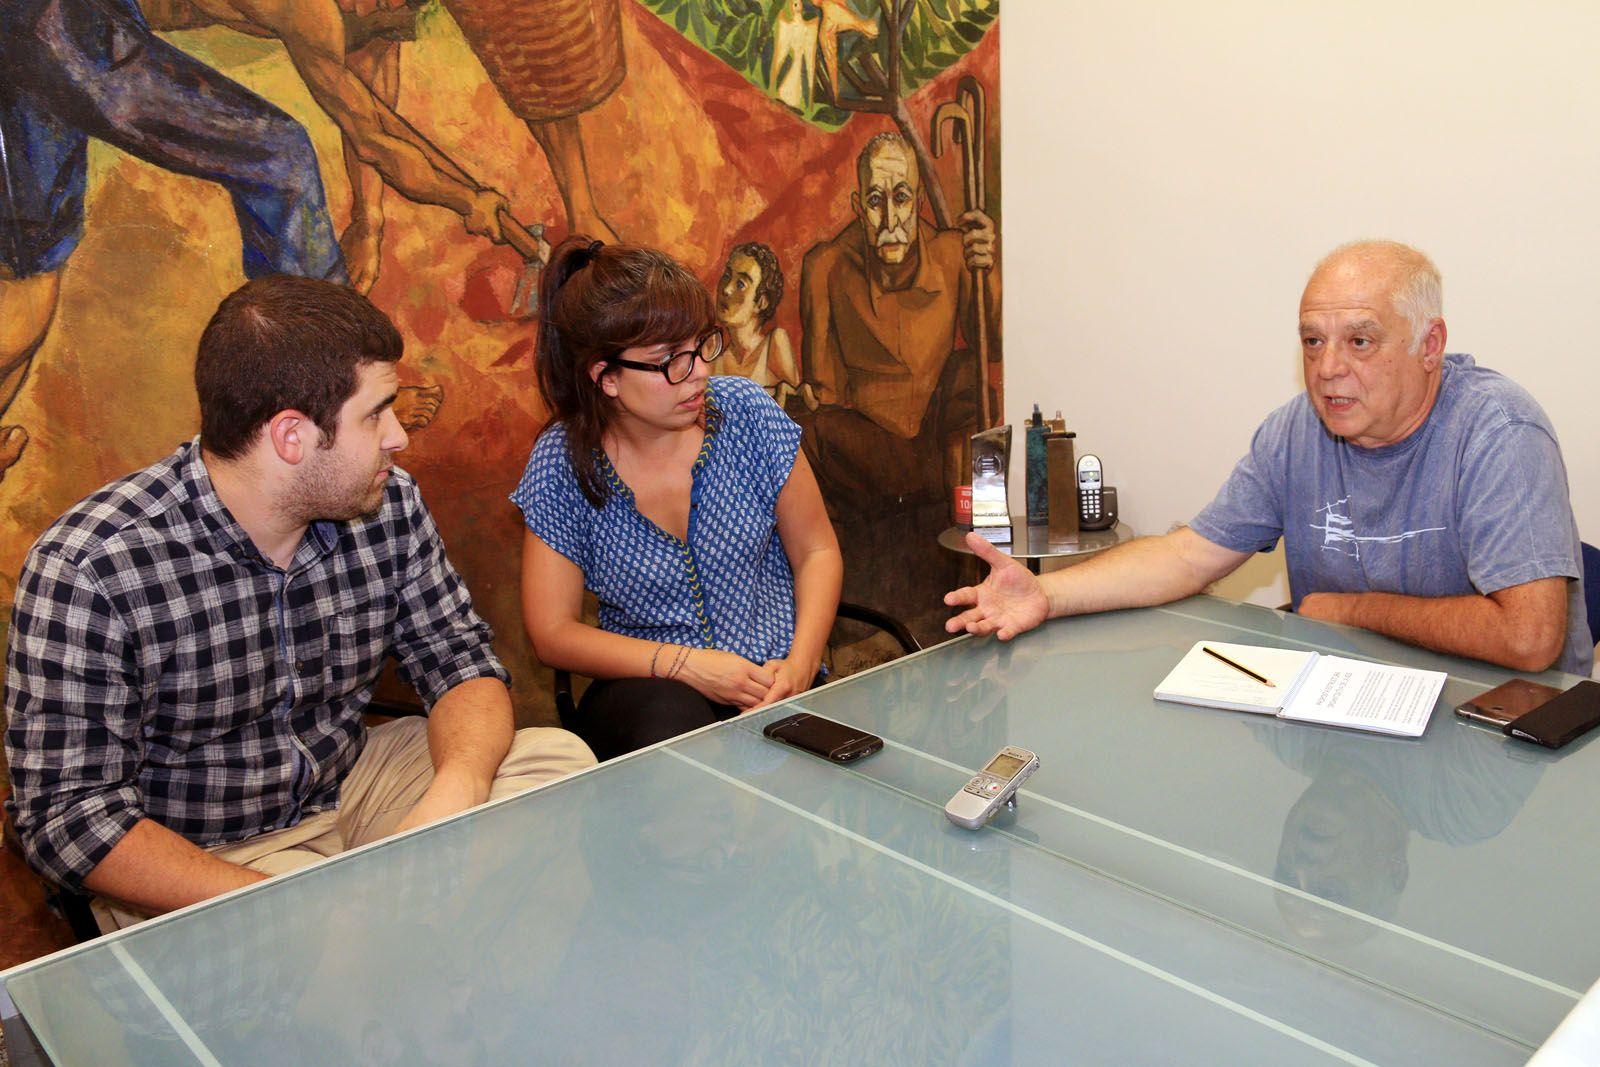 El grup es presenta el 16 de juny FOTO: Lali Álvarez